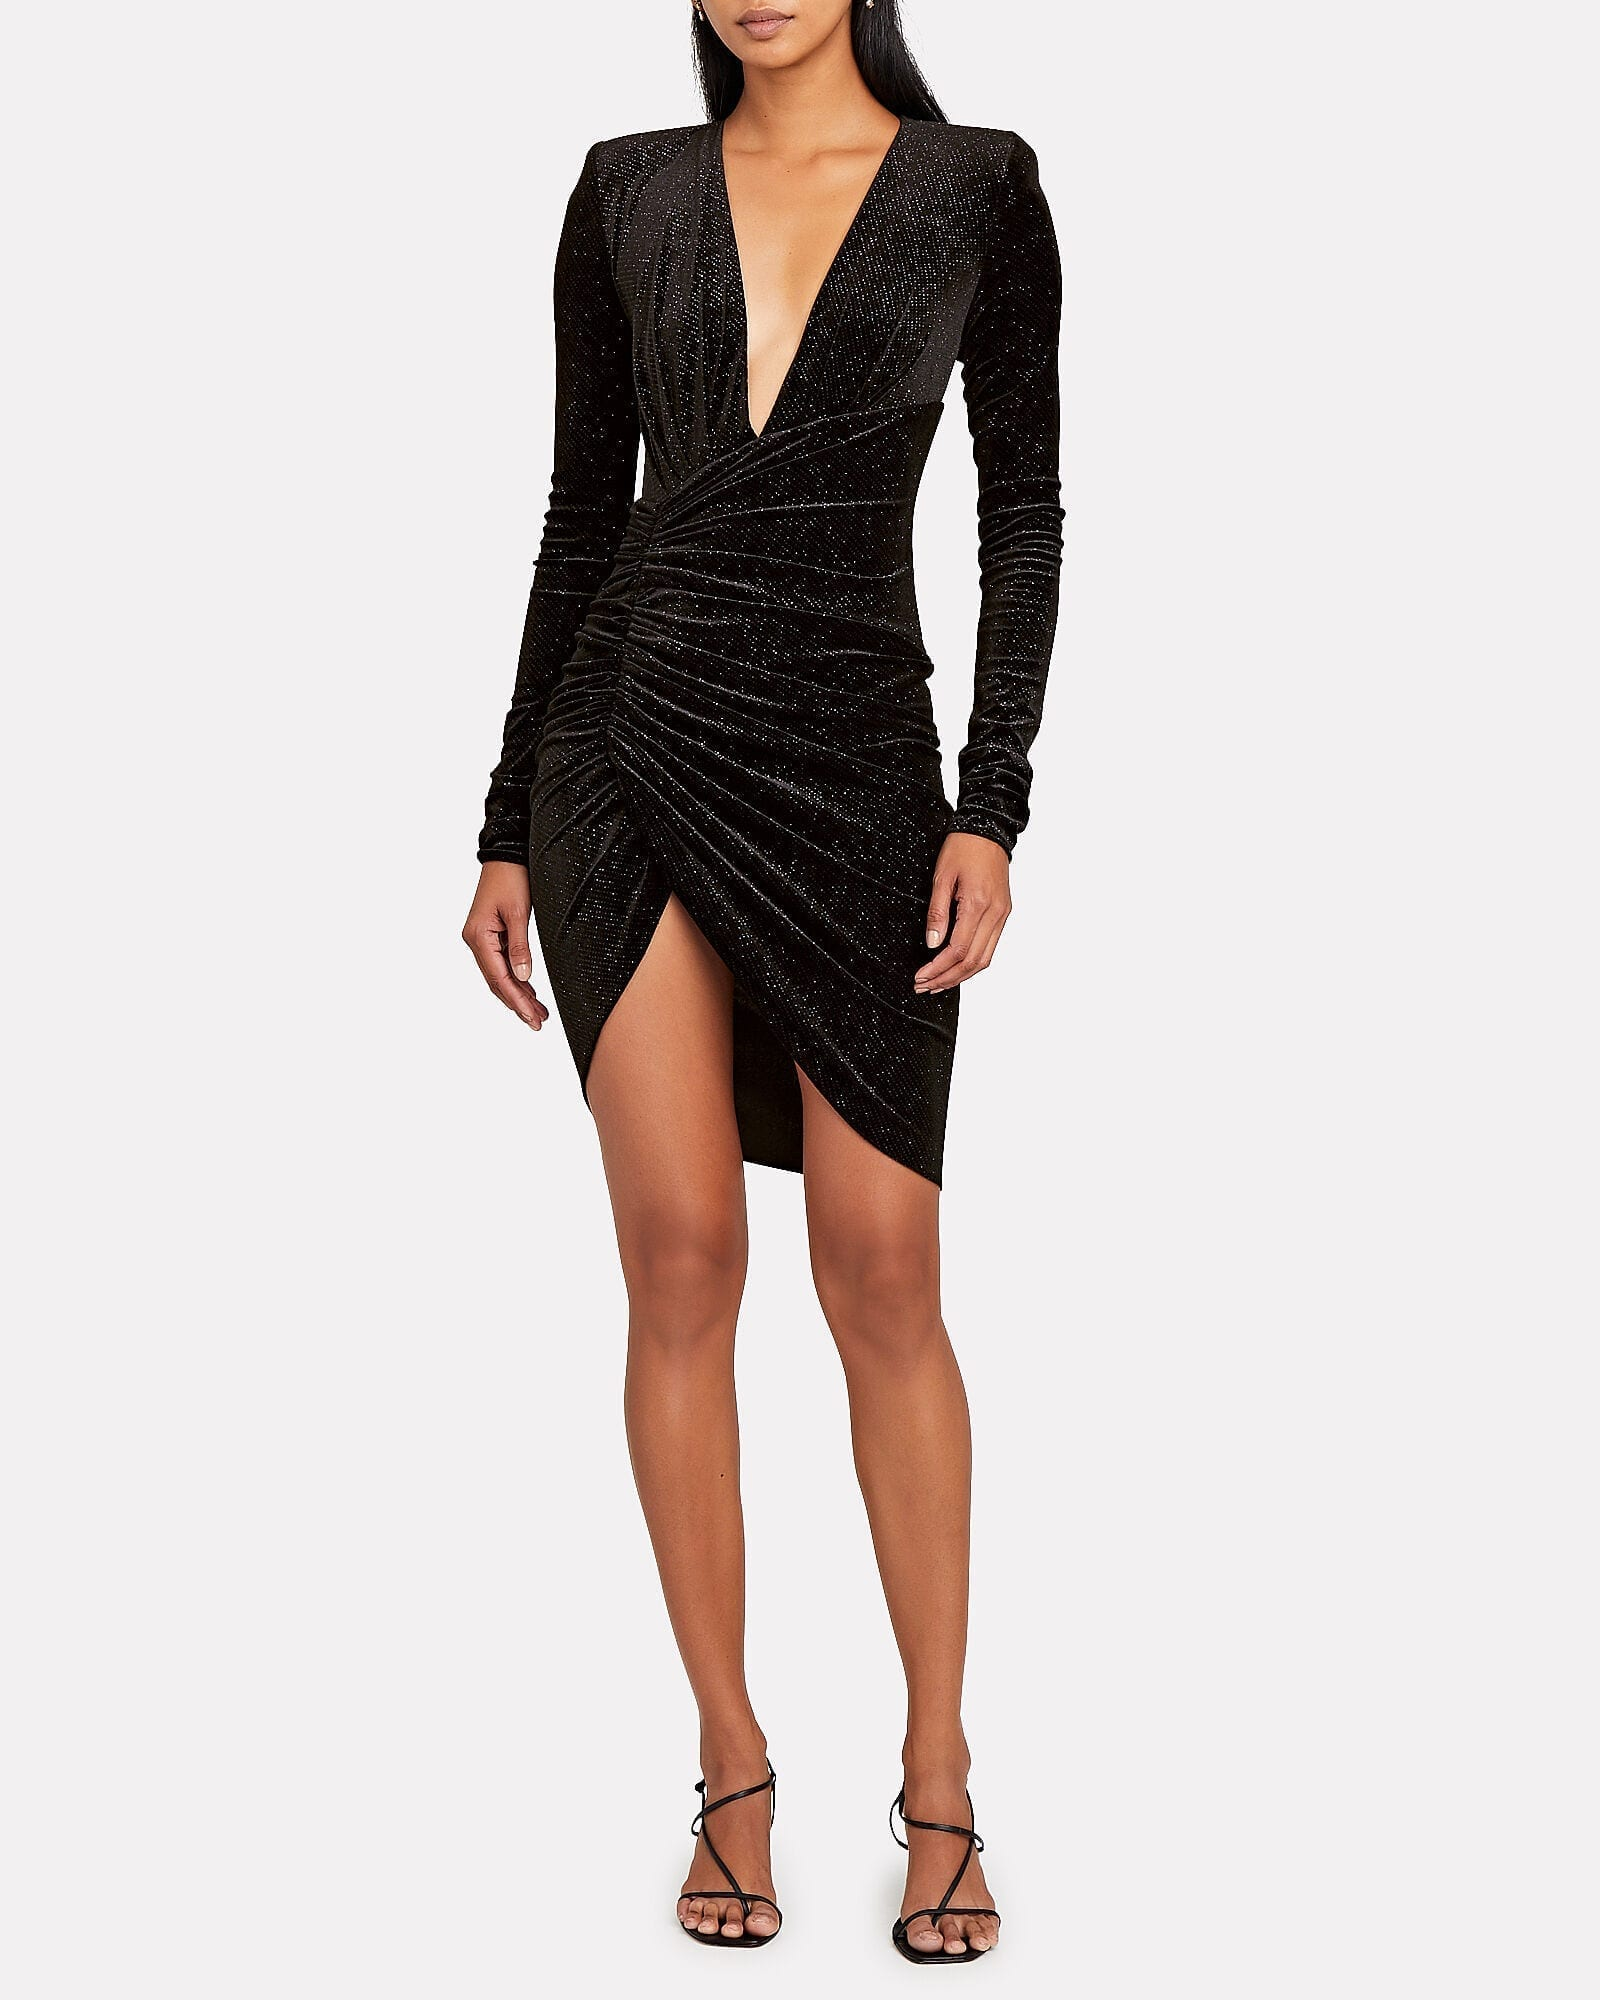 ALEXANDRE VAUTHIER Glitter Velvet Ruched Mini Dress